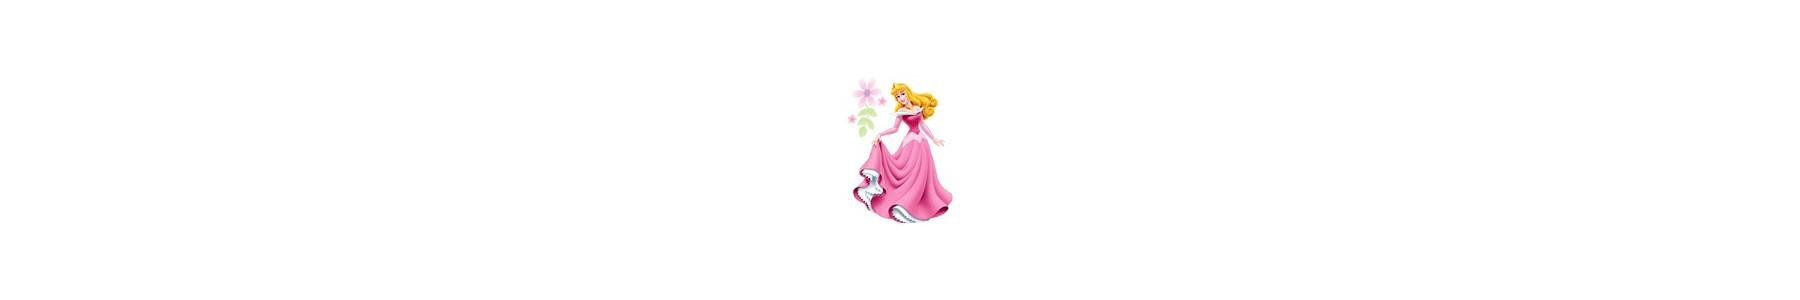 Lumanari Princess